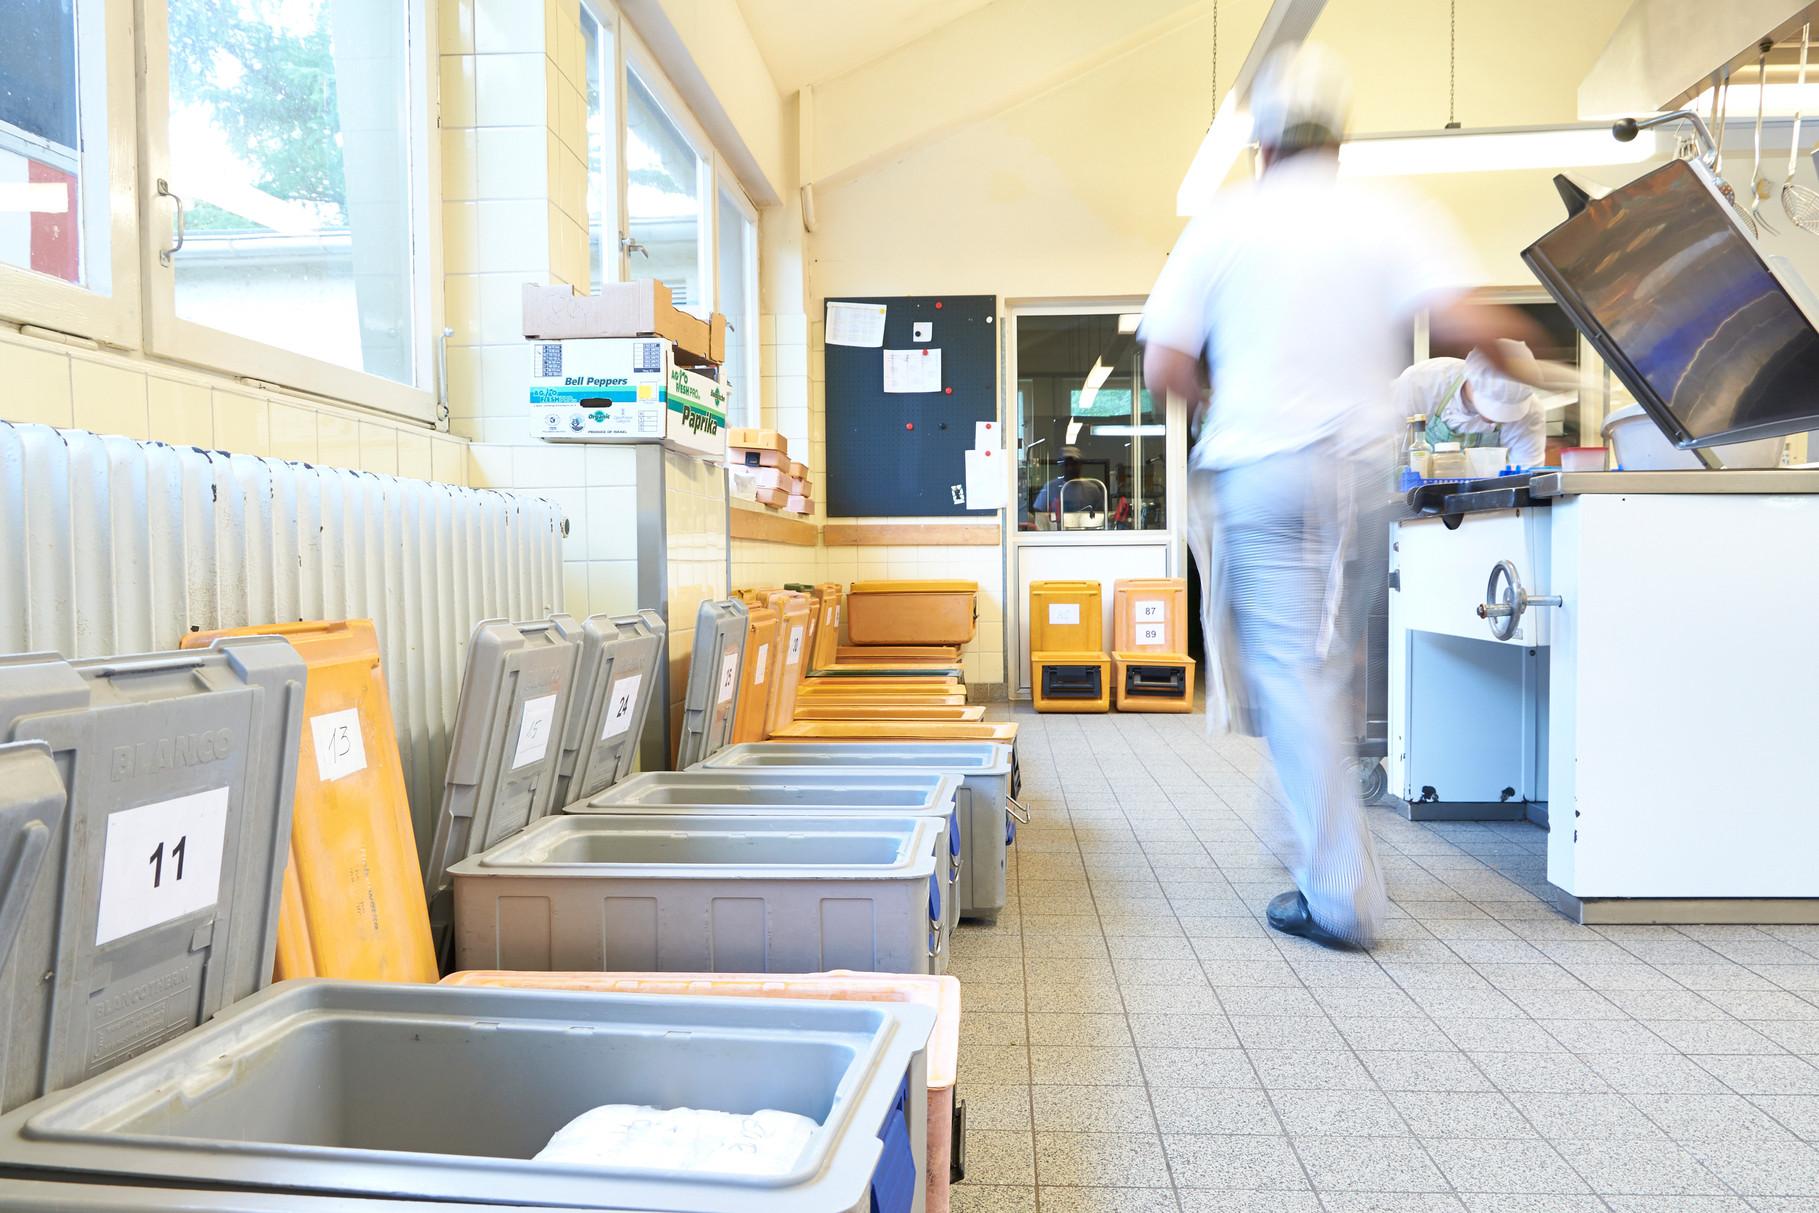 Herzlich Willkommen bei Emilio – vegetarische Küche - Emilio ...